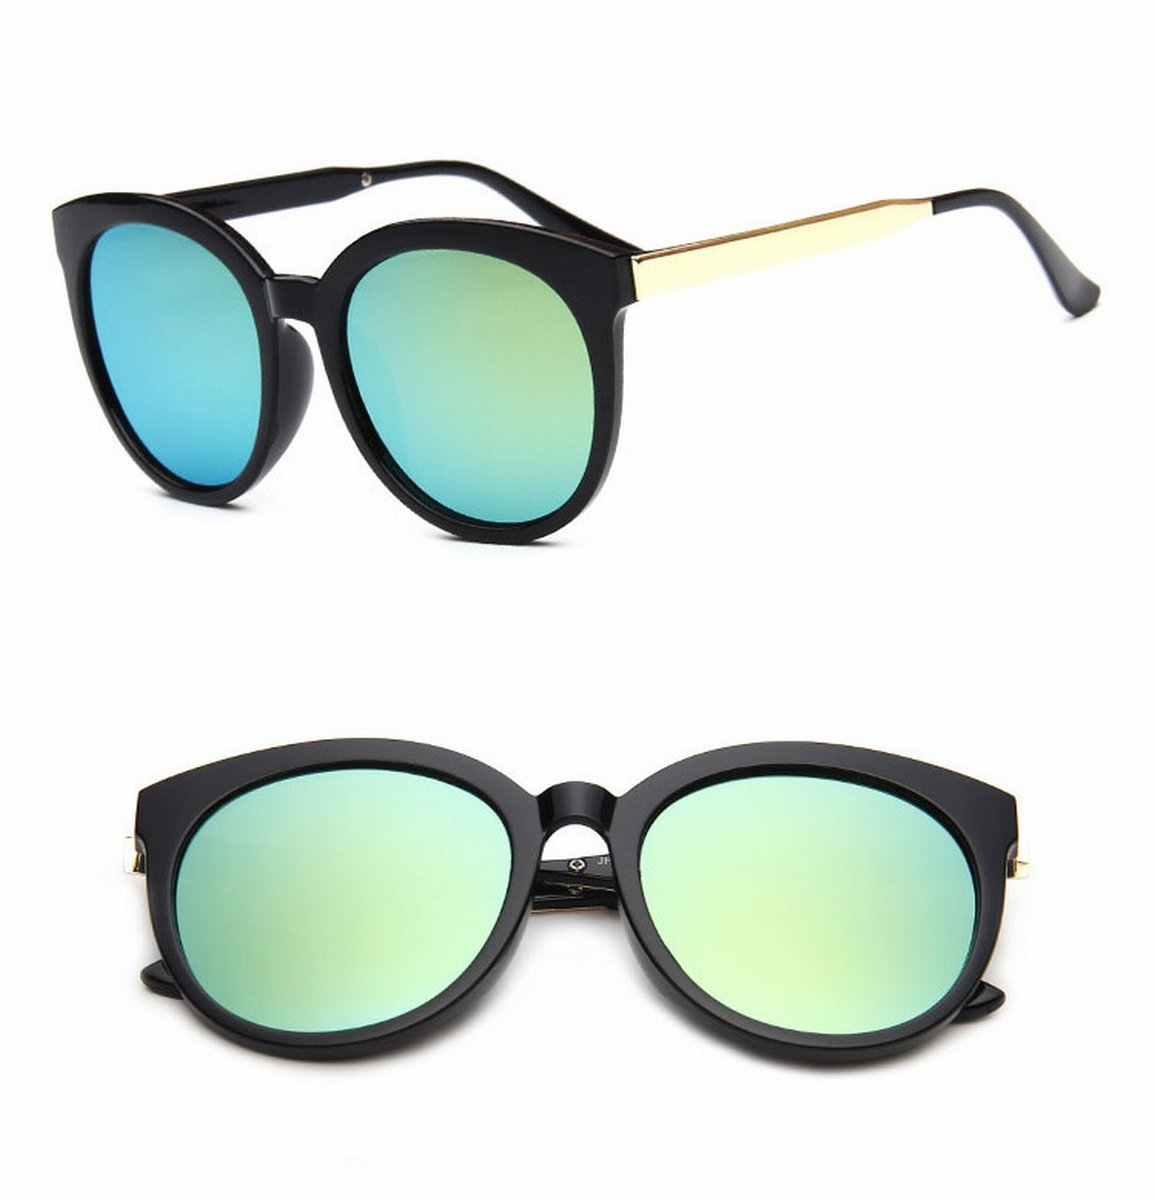 Retro Große rahmen sonnenbrille helle farbe Quecksilber Gläser ...